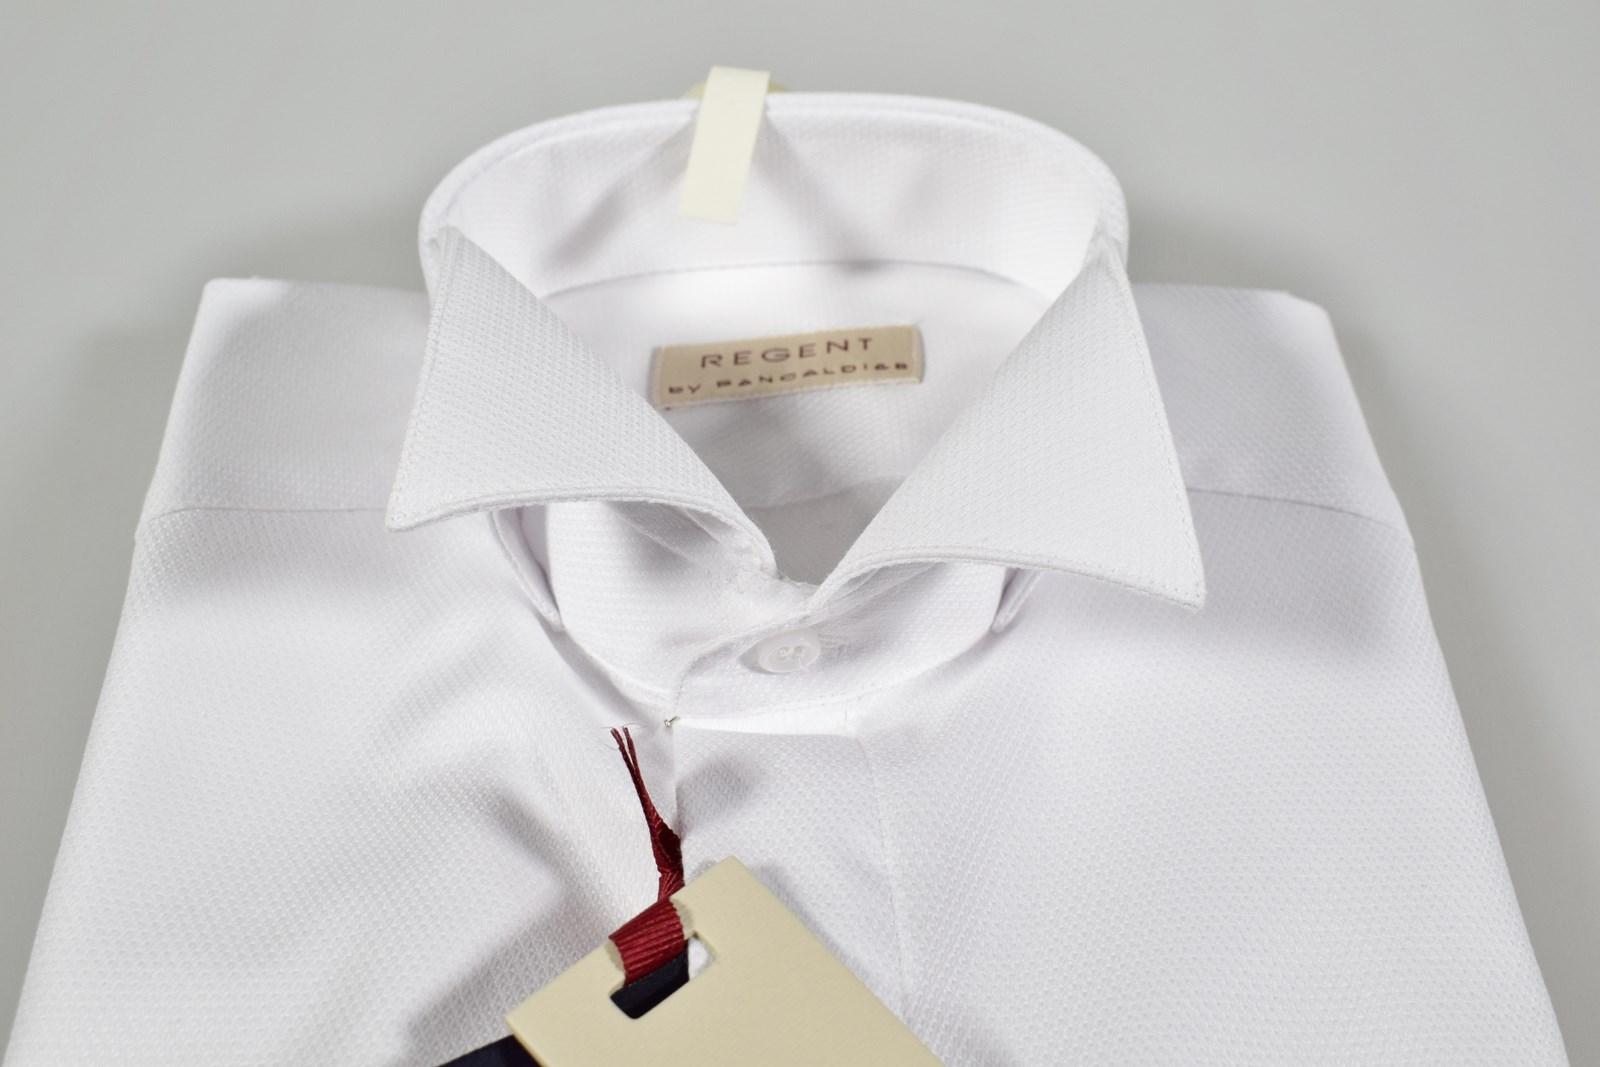 100% authentic d12d0 a29c9 Dettagli su Camicia Pancaldi elegante cerimonia uomo collo diplomatico  vestibilità slim fit